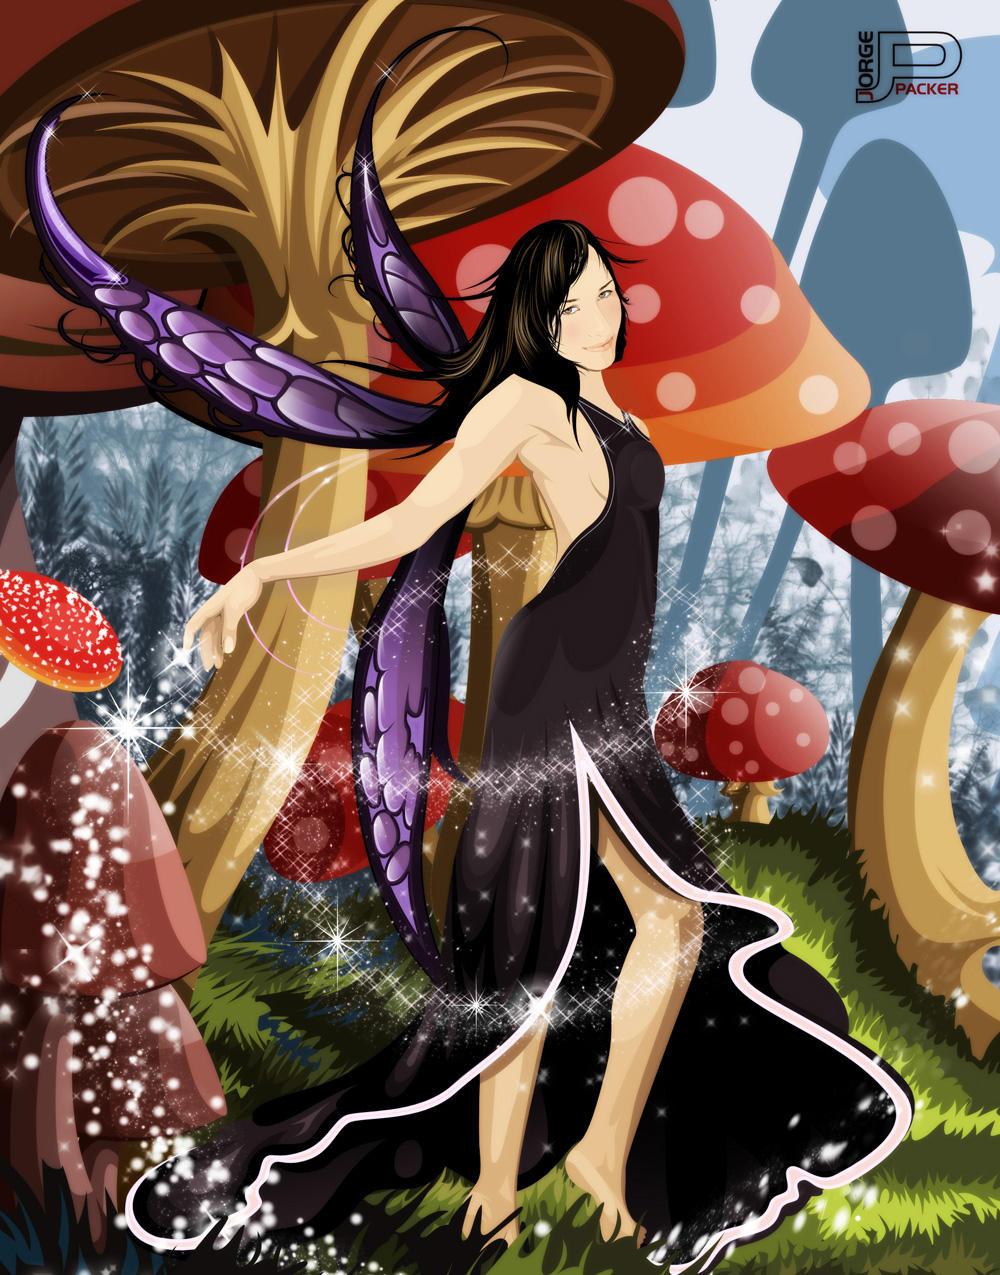 Sweet Dream - Fairy Tale by jorgepacker